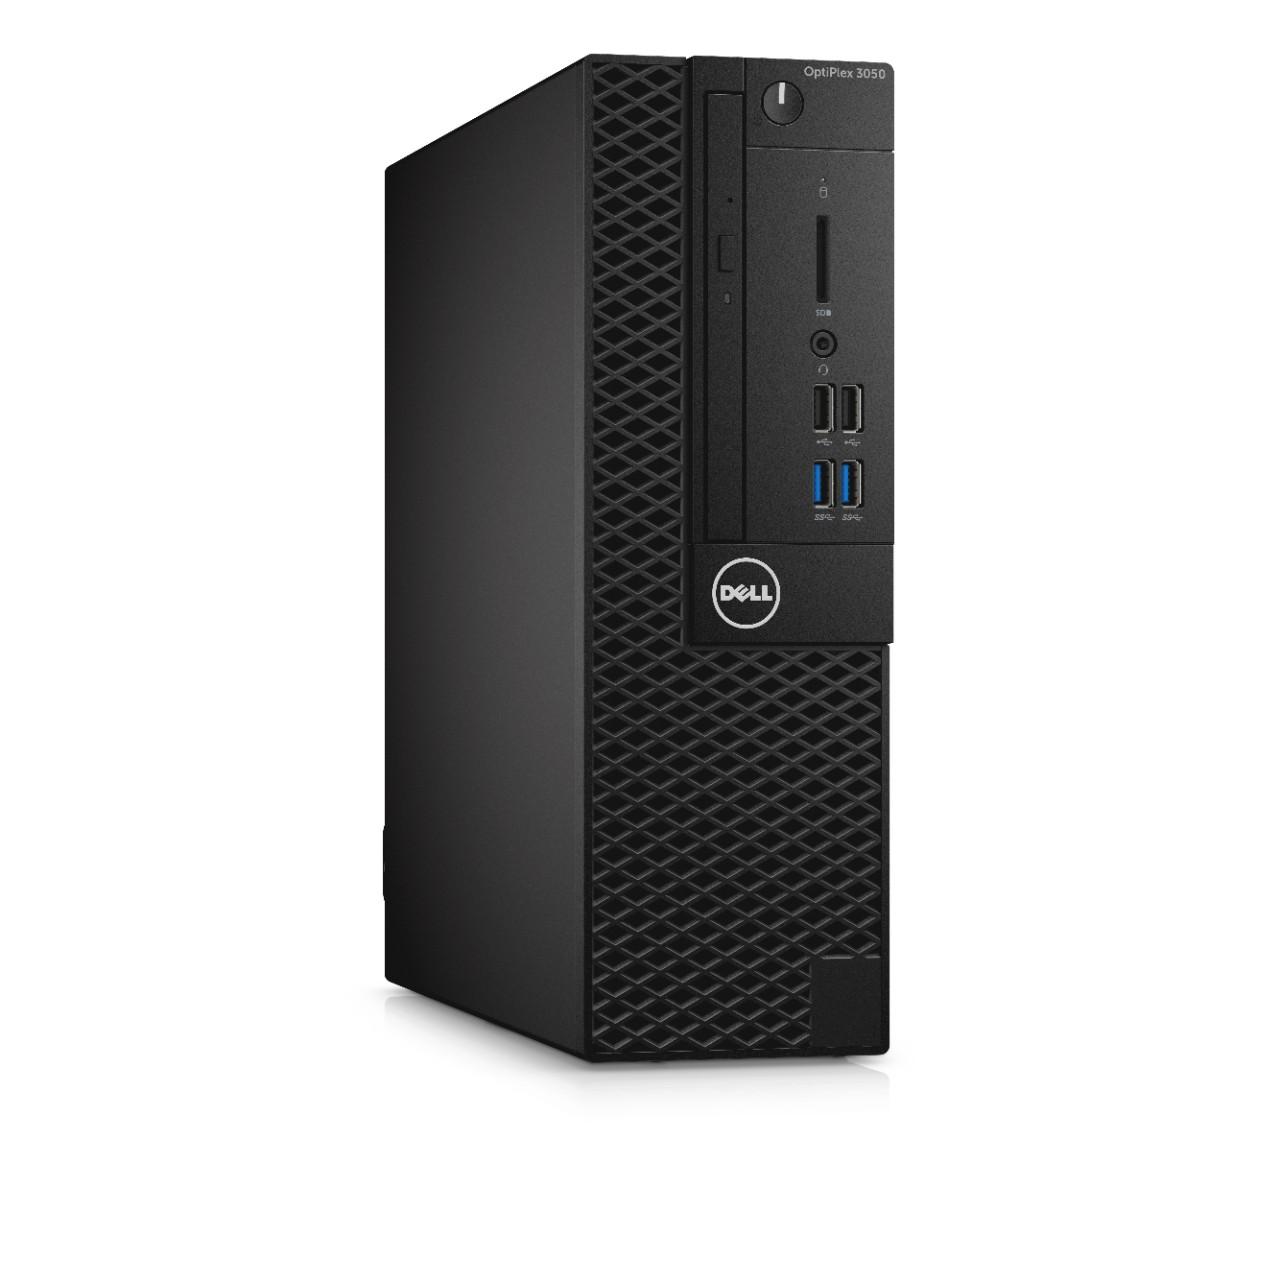 Dell PC Optiplex 3050 SF i3-7100/4G/500GB/DP/HDMI/DVD RW/W10P/3RNBD/Černý